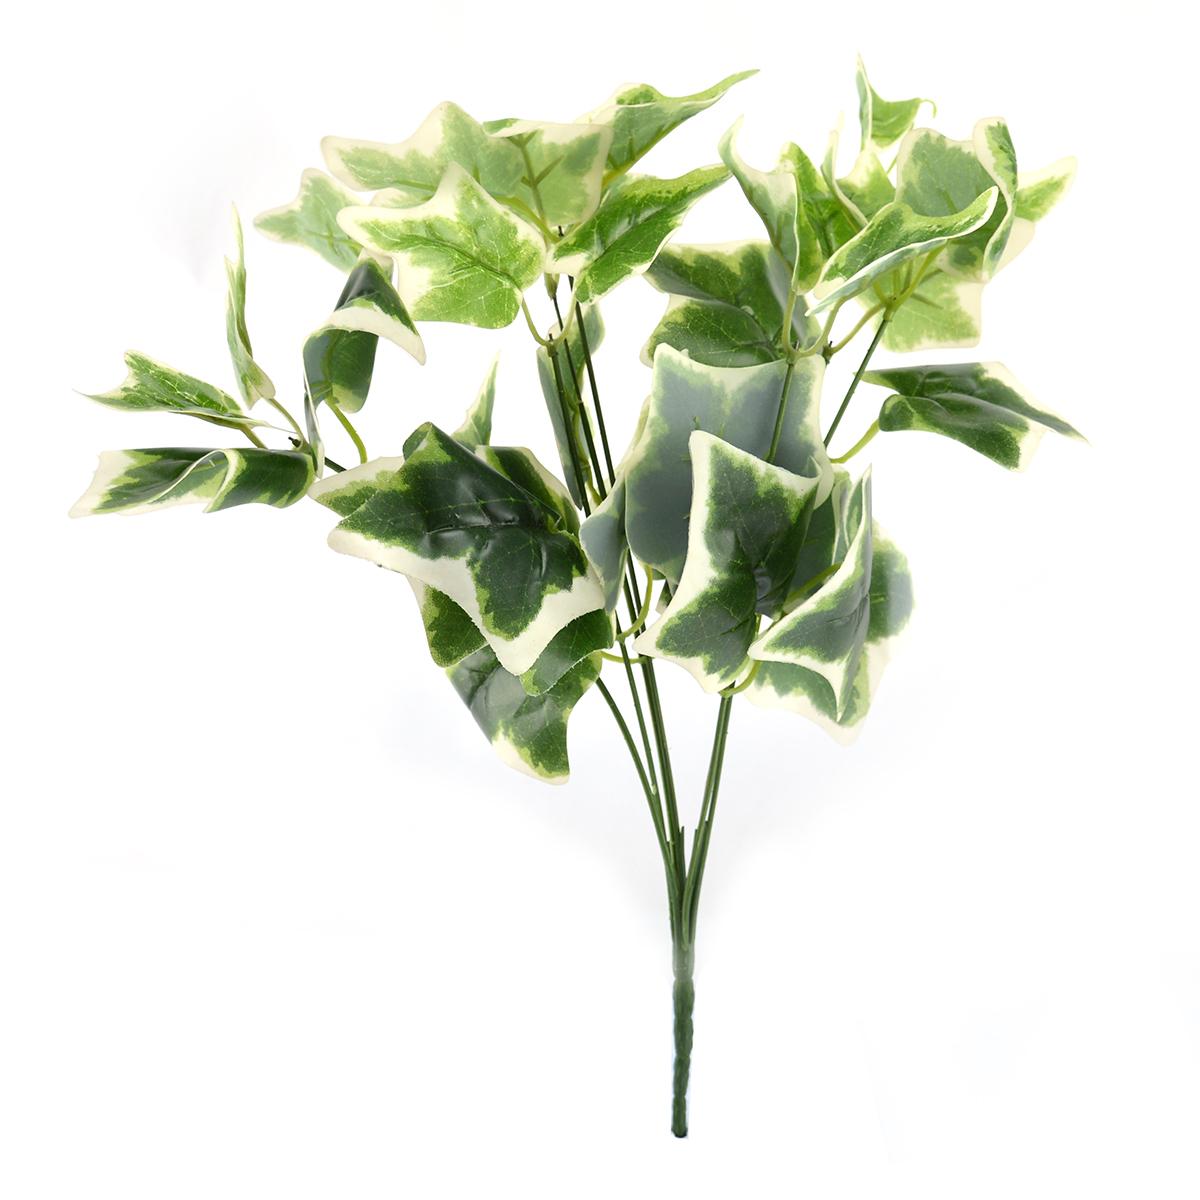 Ambalaje Flori ONLINE vinde Buchet Edera Verde cu Alb la pretul de 6.9 lei